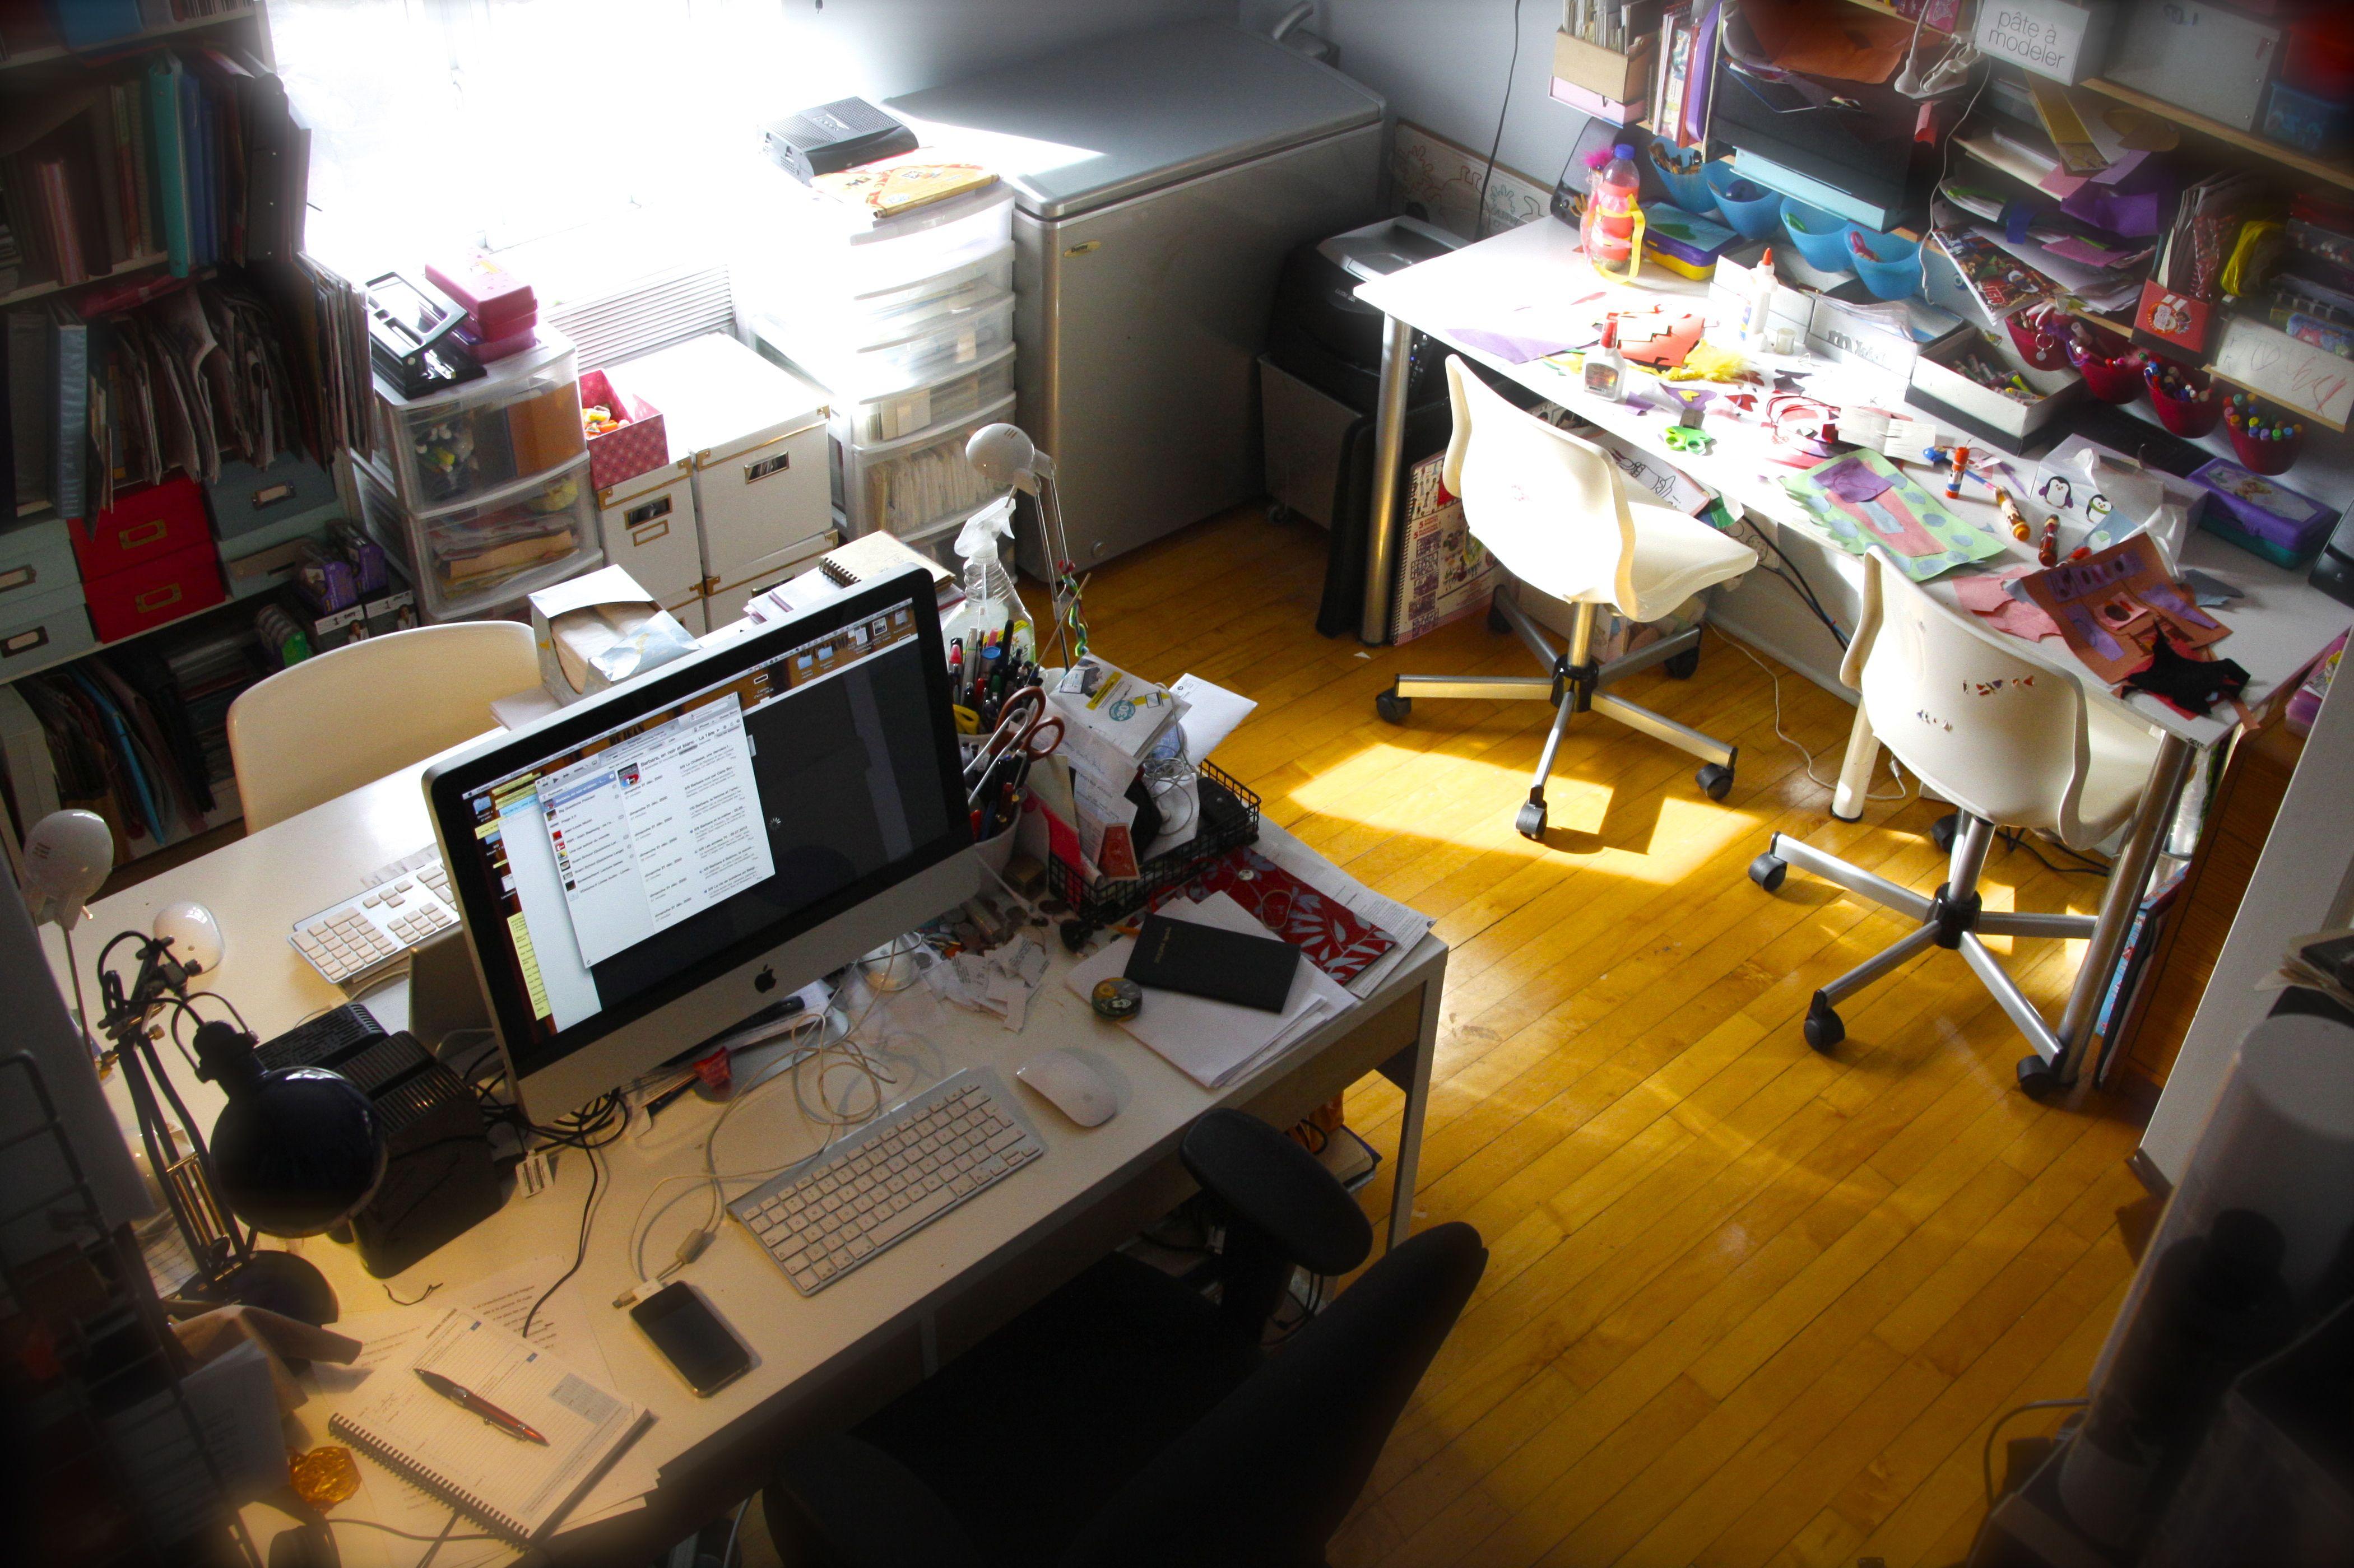 Les bureaux les plus bordeliques